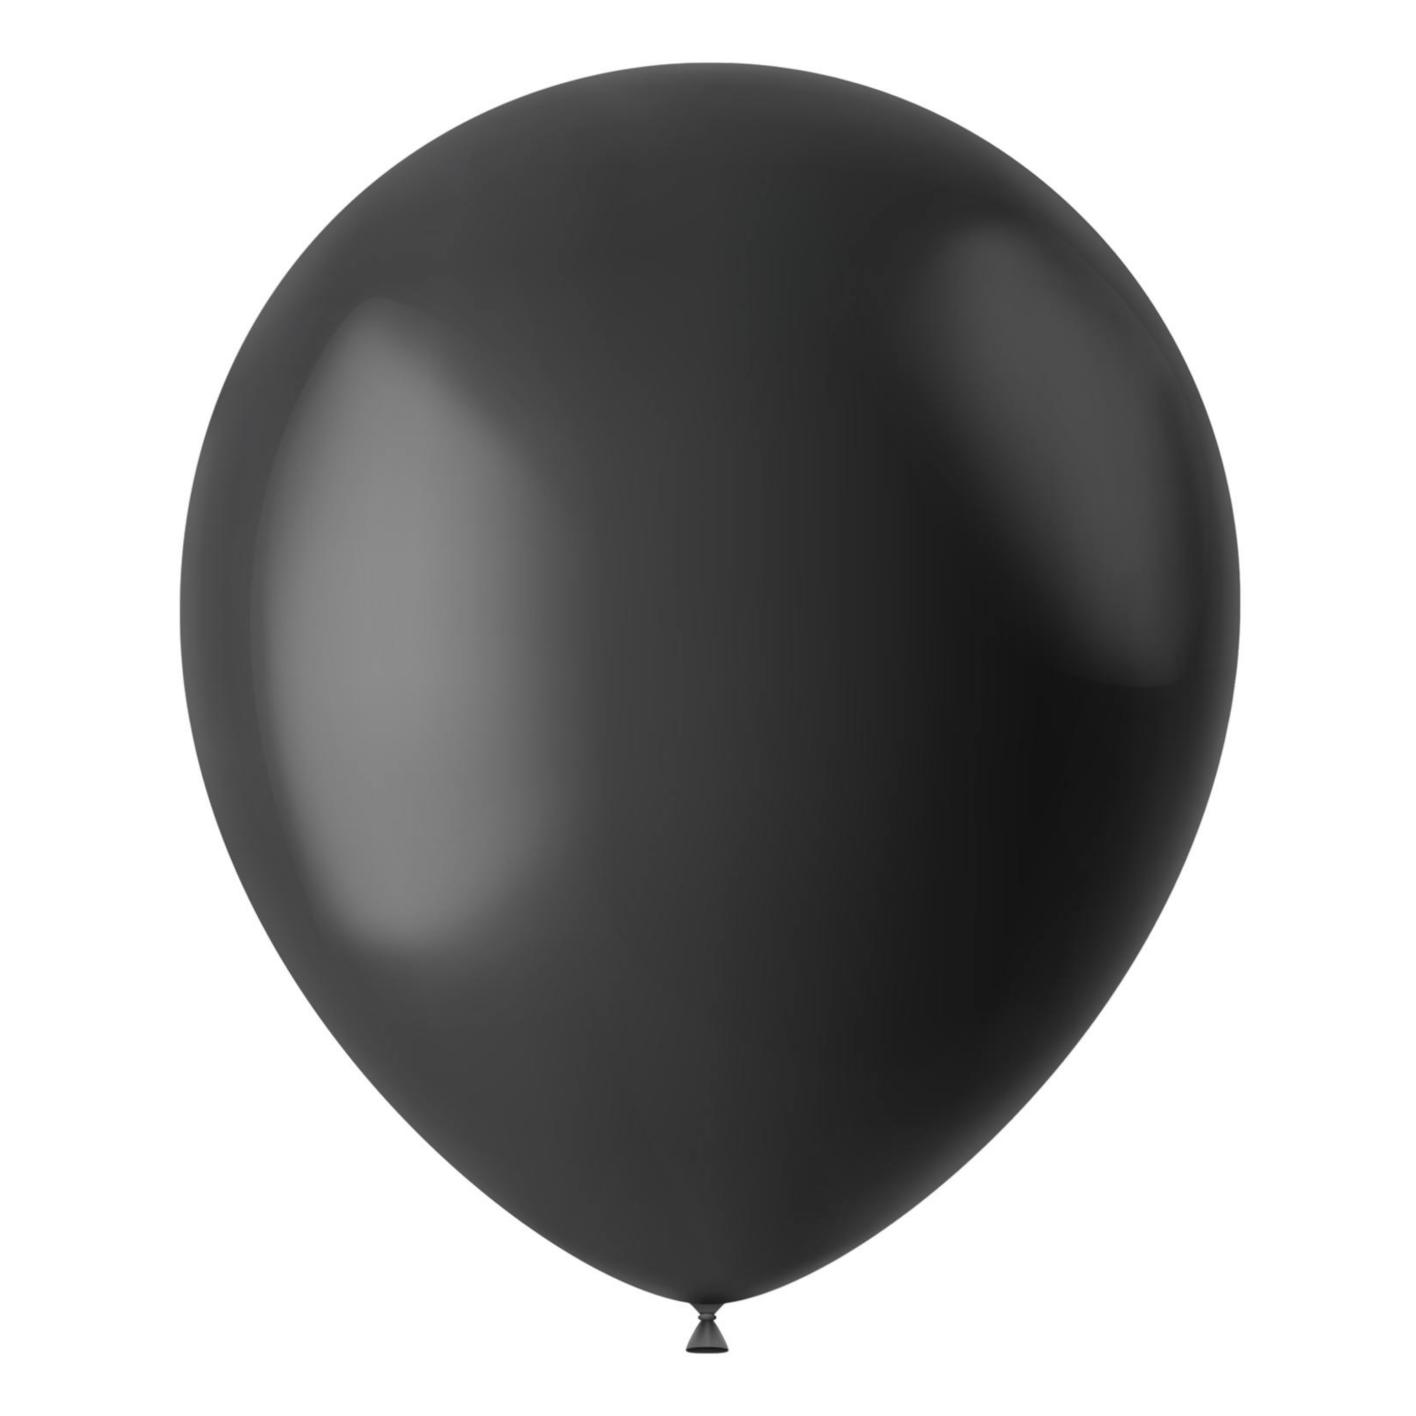 Folat Ballonnen - Nacht zwart - 30cm - 100st.